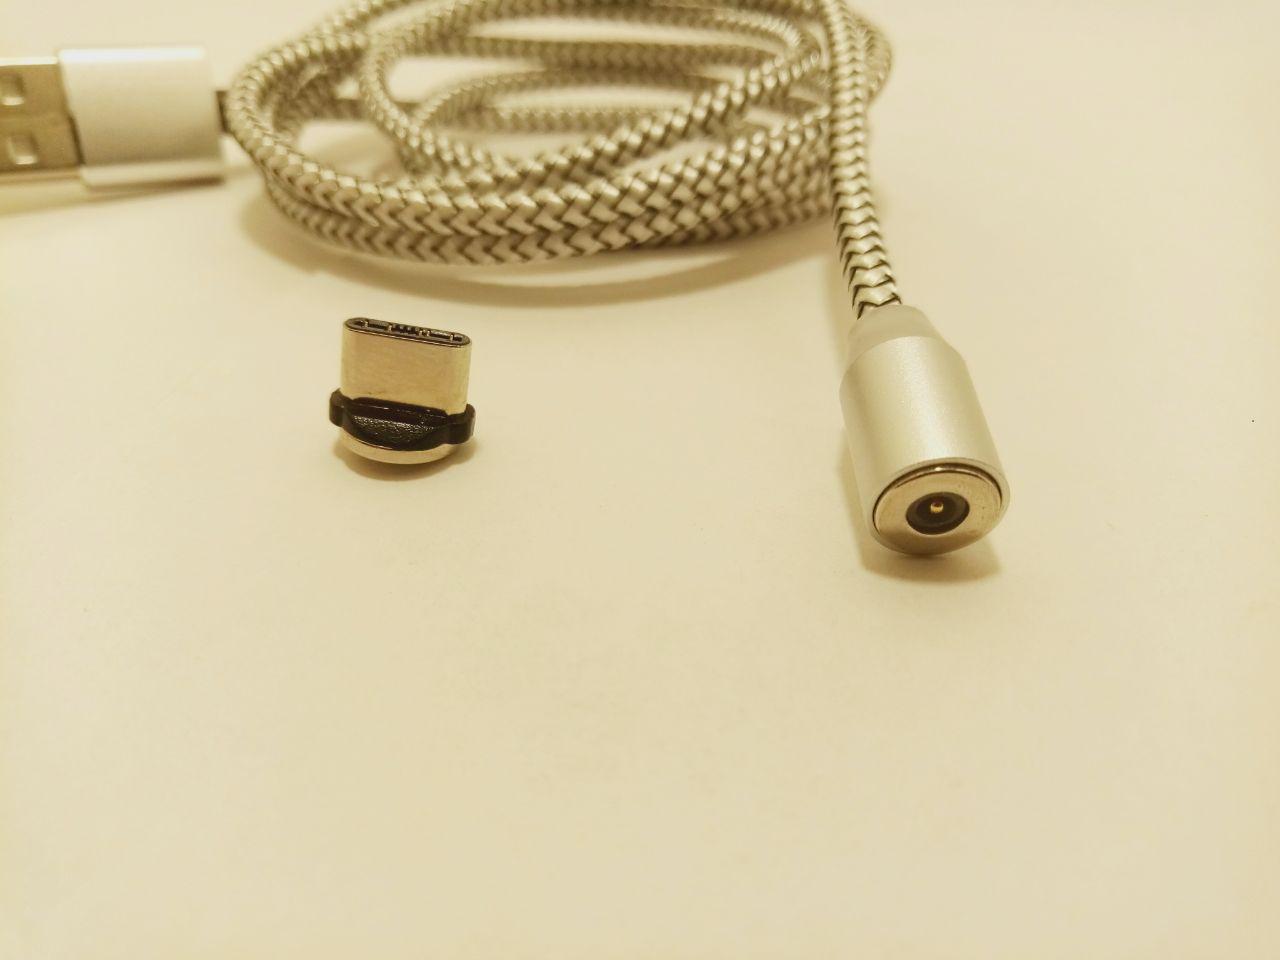 Магнитный кабель Ninja USB 2.0/Type-C, 1m, 2А, индикатор заряда, тканевая оплетка, Silver